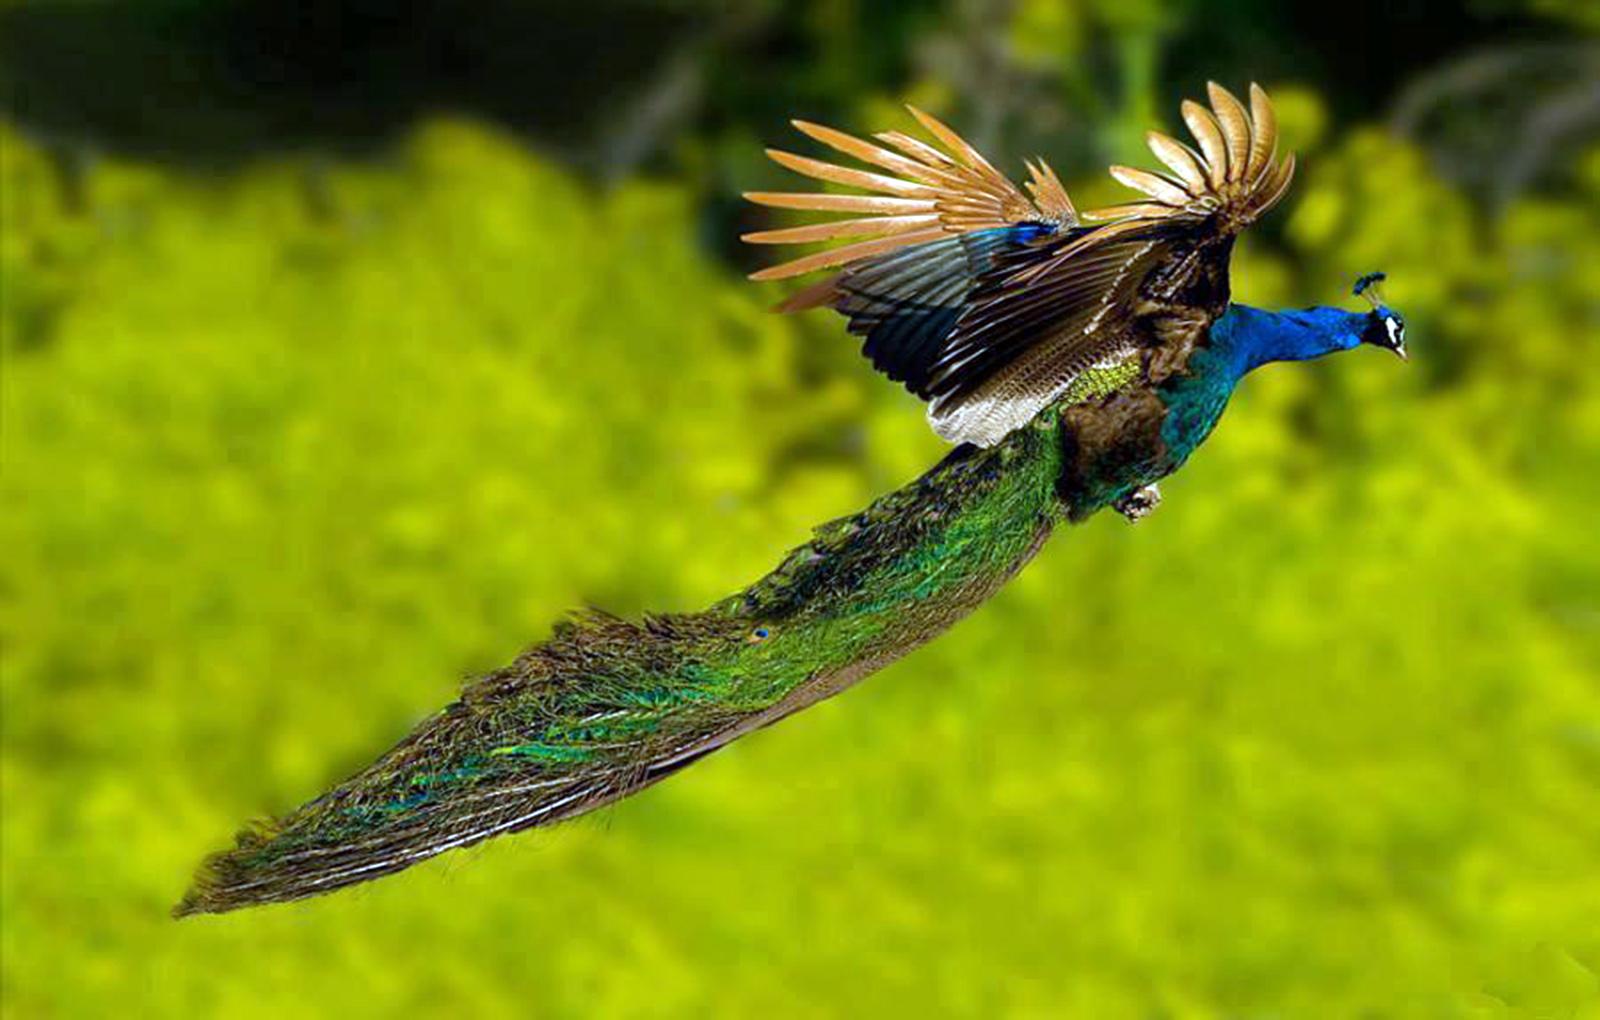 تصاویر جالب و دیدنی از پرواز کردن طاووس های زیبا